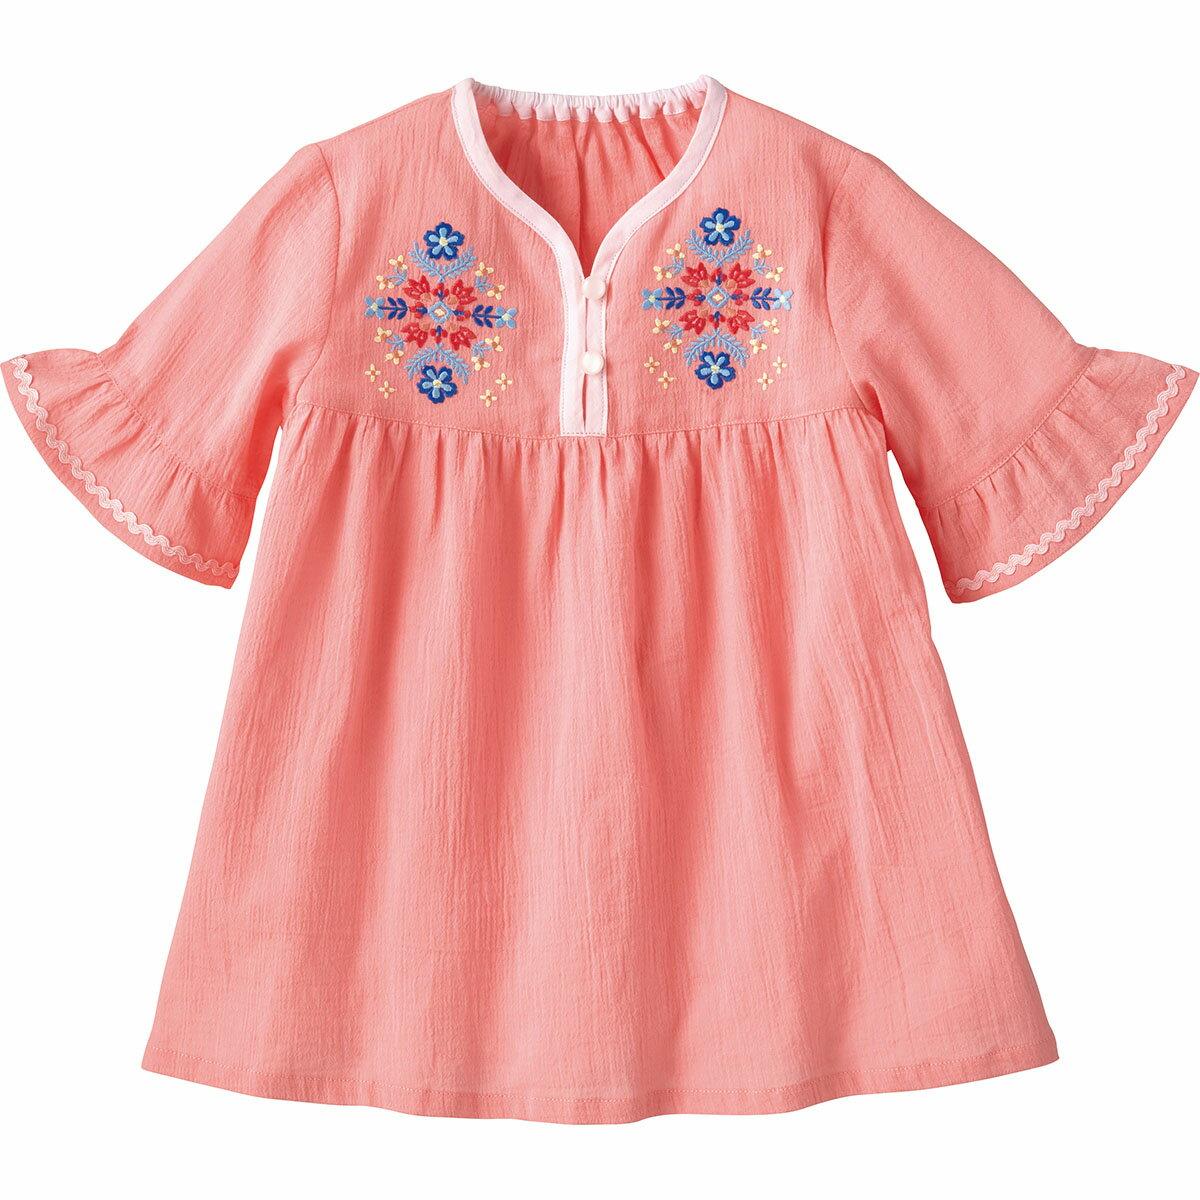 5分袖チュニック{女の子}《コンビミニ》ギフト ベビー服 子供服 Combi mini5分袖チュニック 120 ピンク